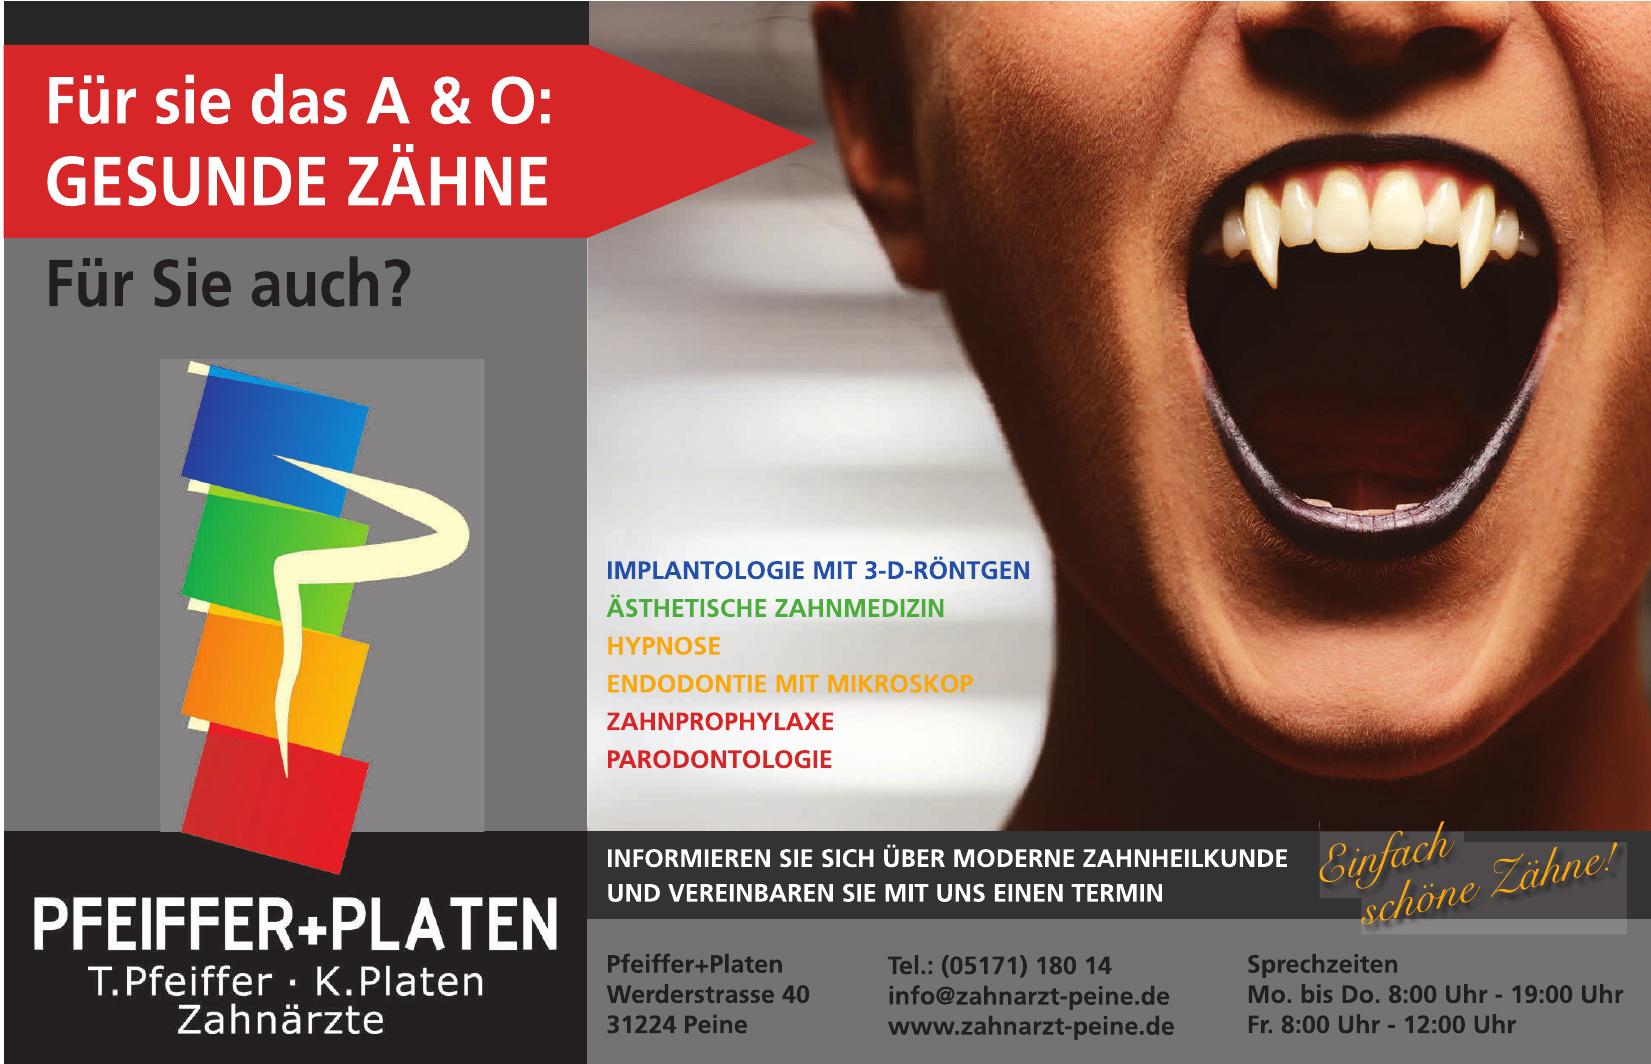 Pfeffer + Platen Zahnärzte